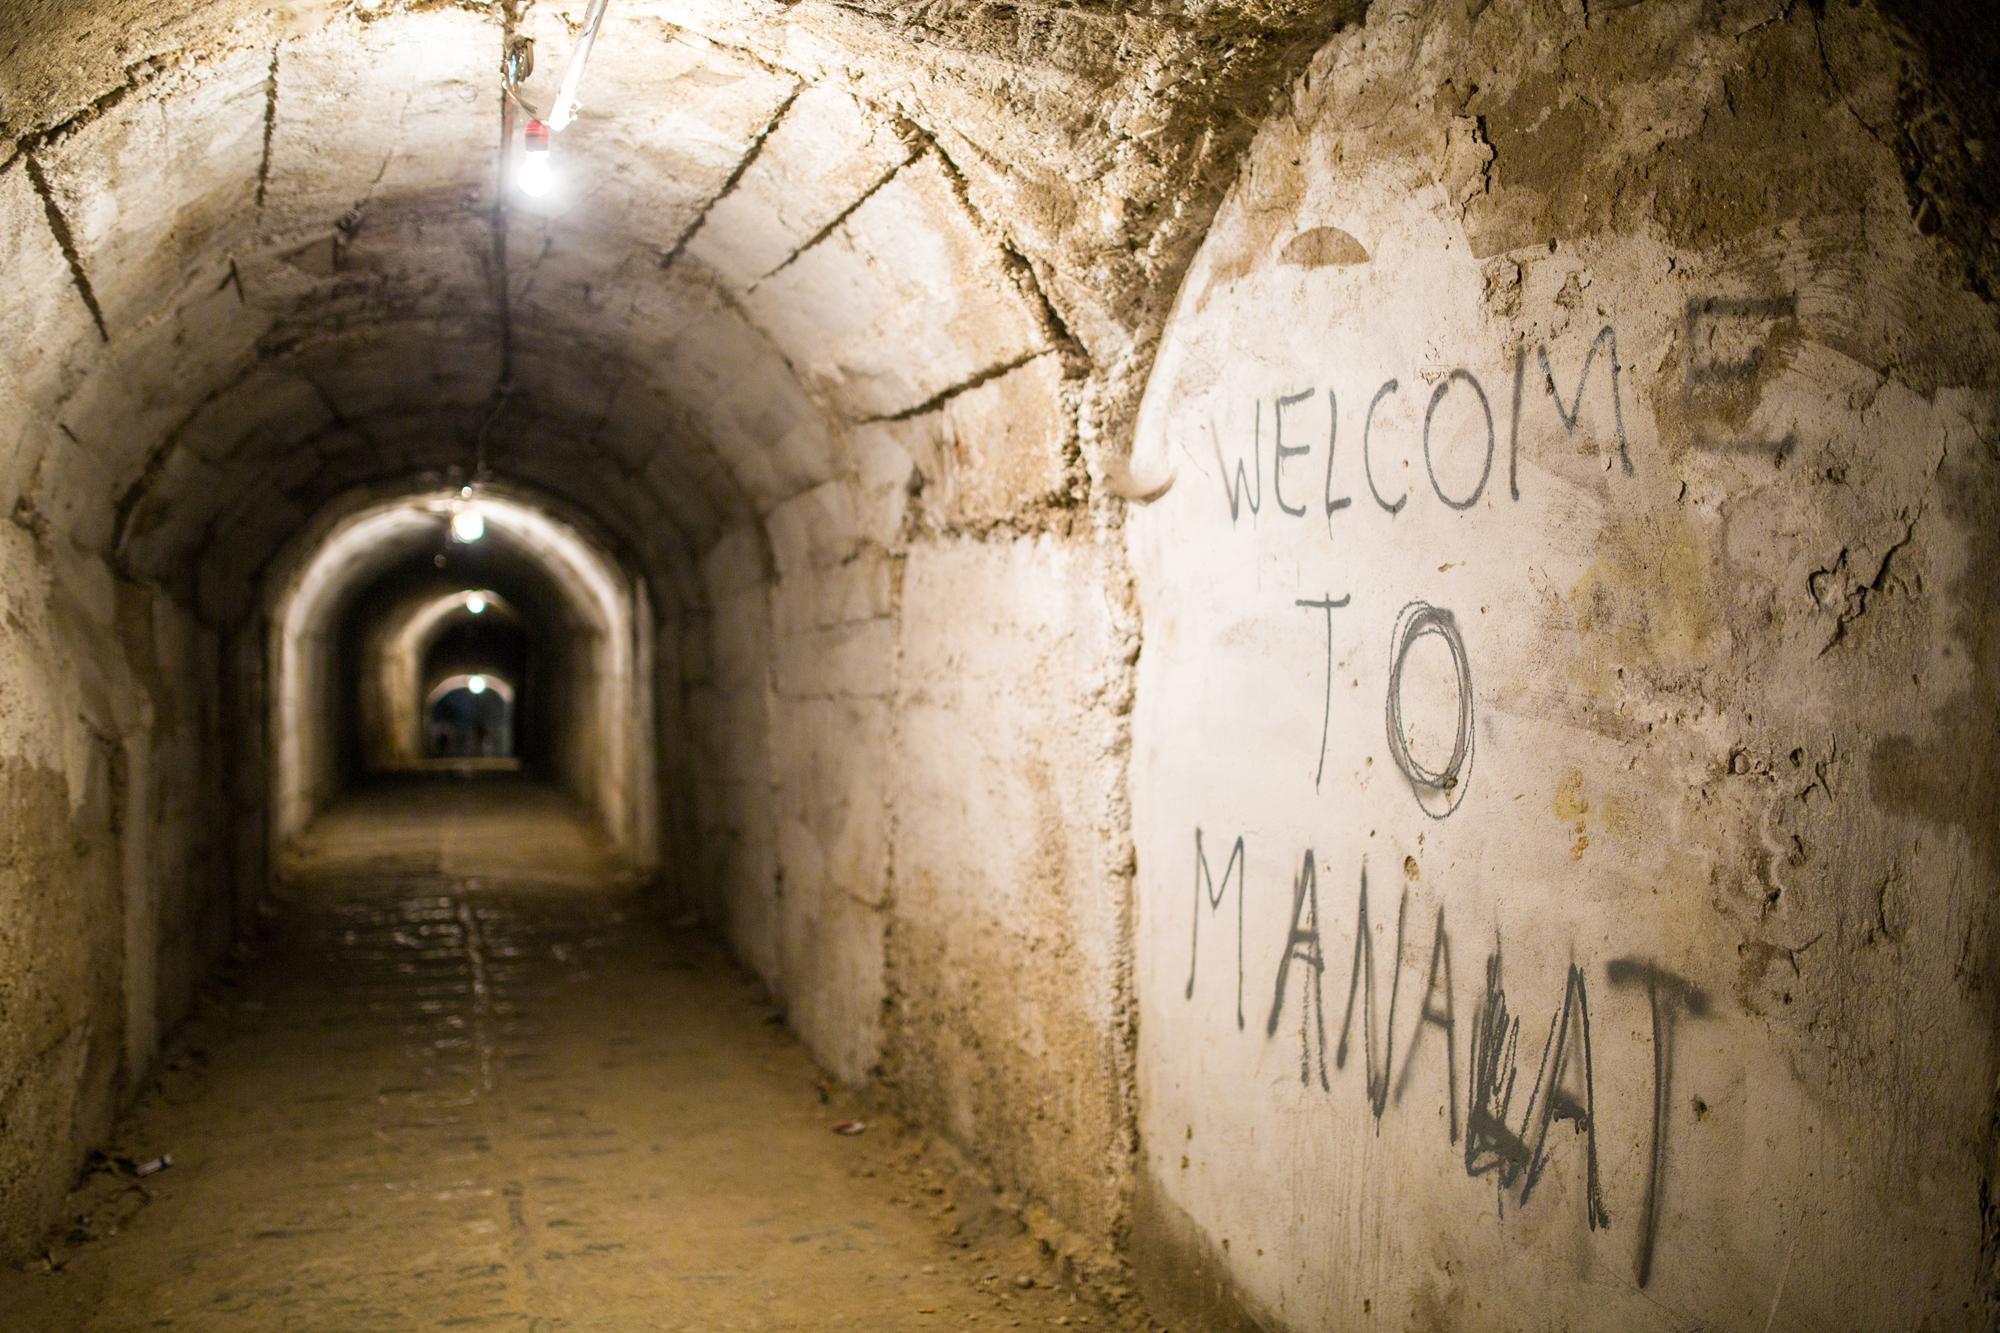 A photo of a graffiti in a cave